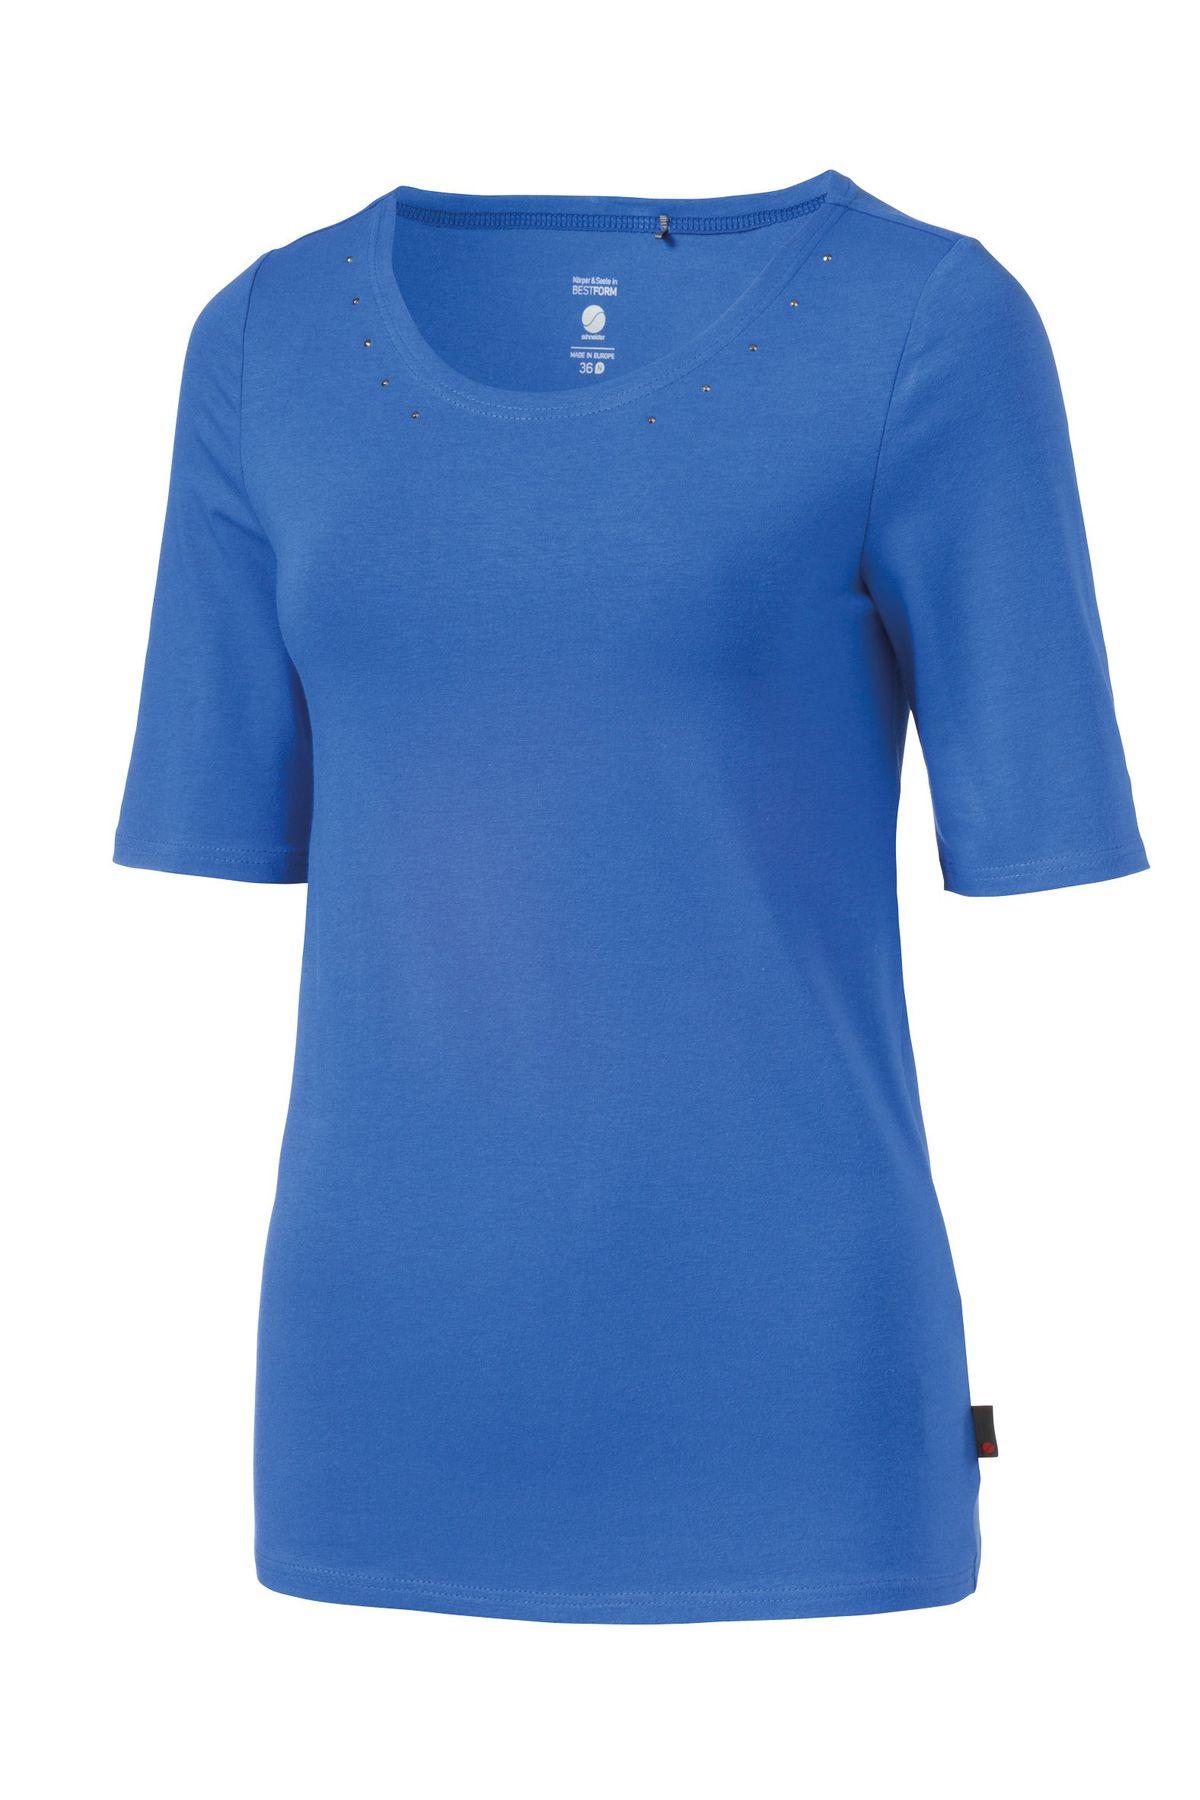 Schneider - Damen Sport und Freizeit Shirt, DELILAHW (5532) – Bild 4